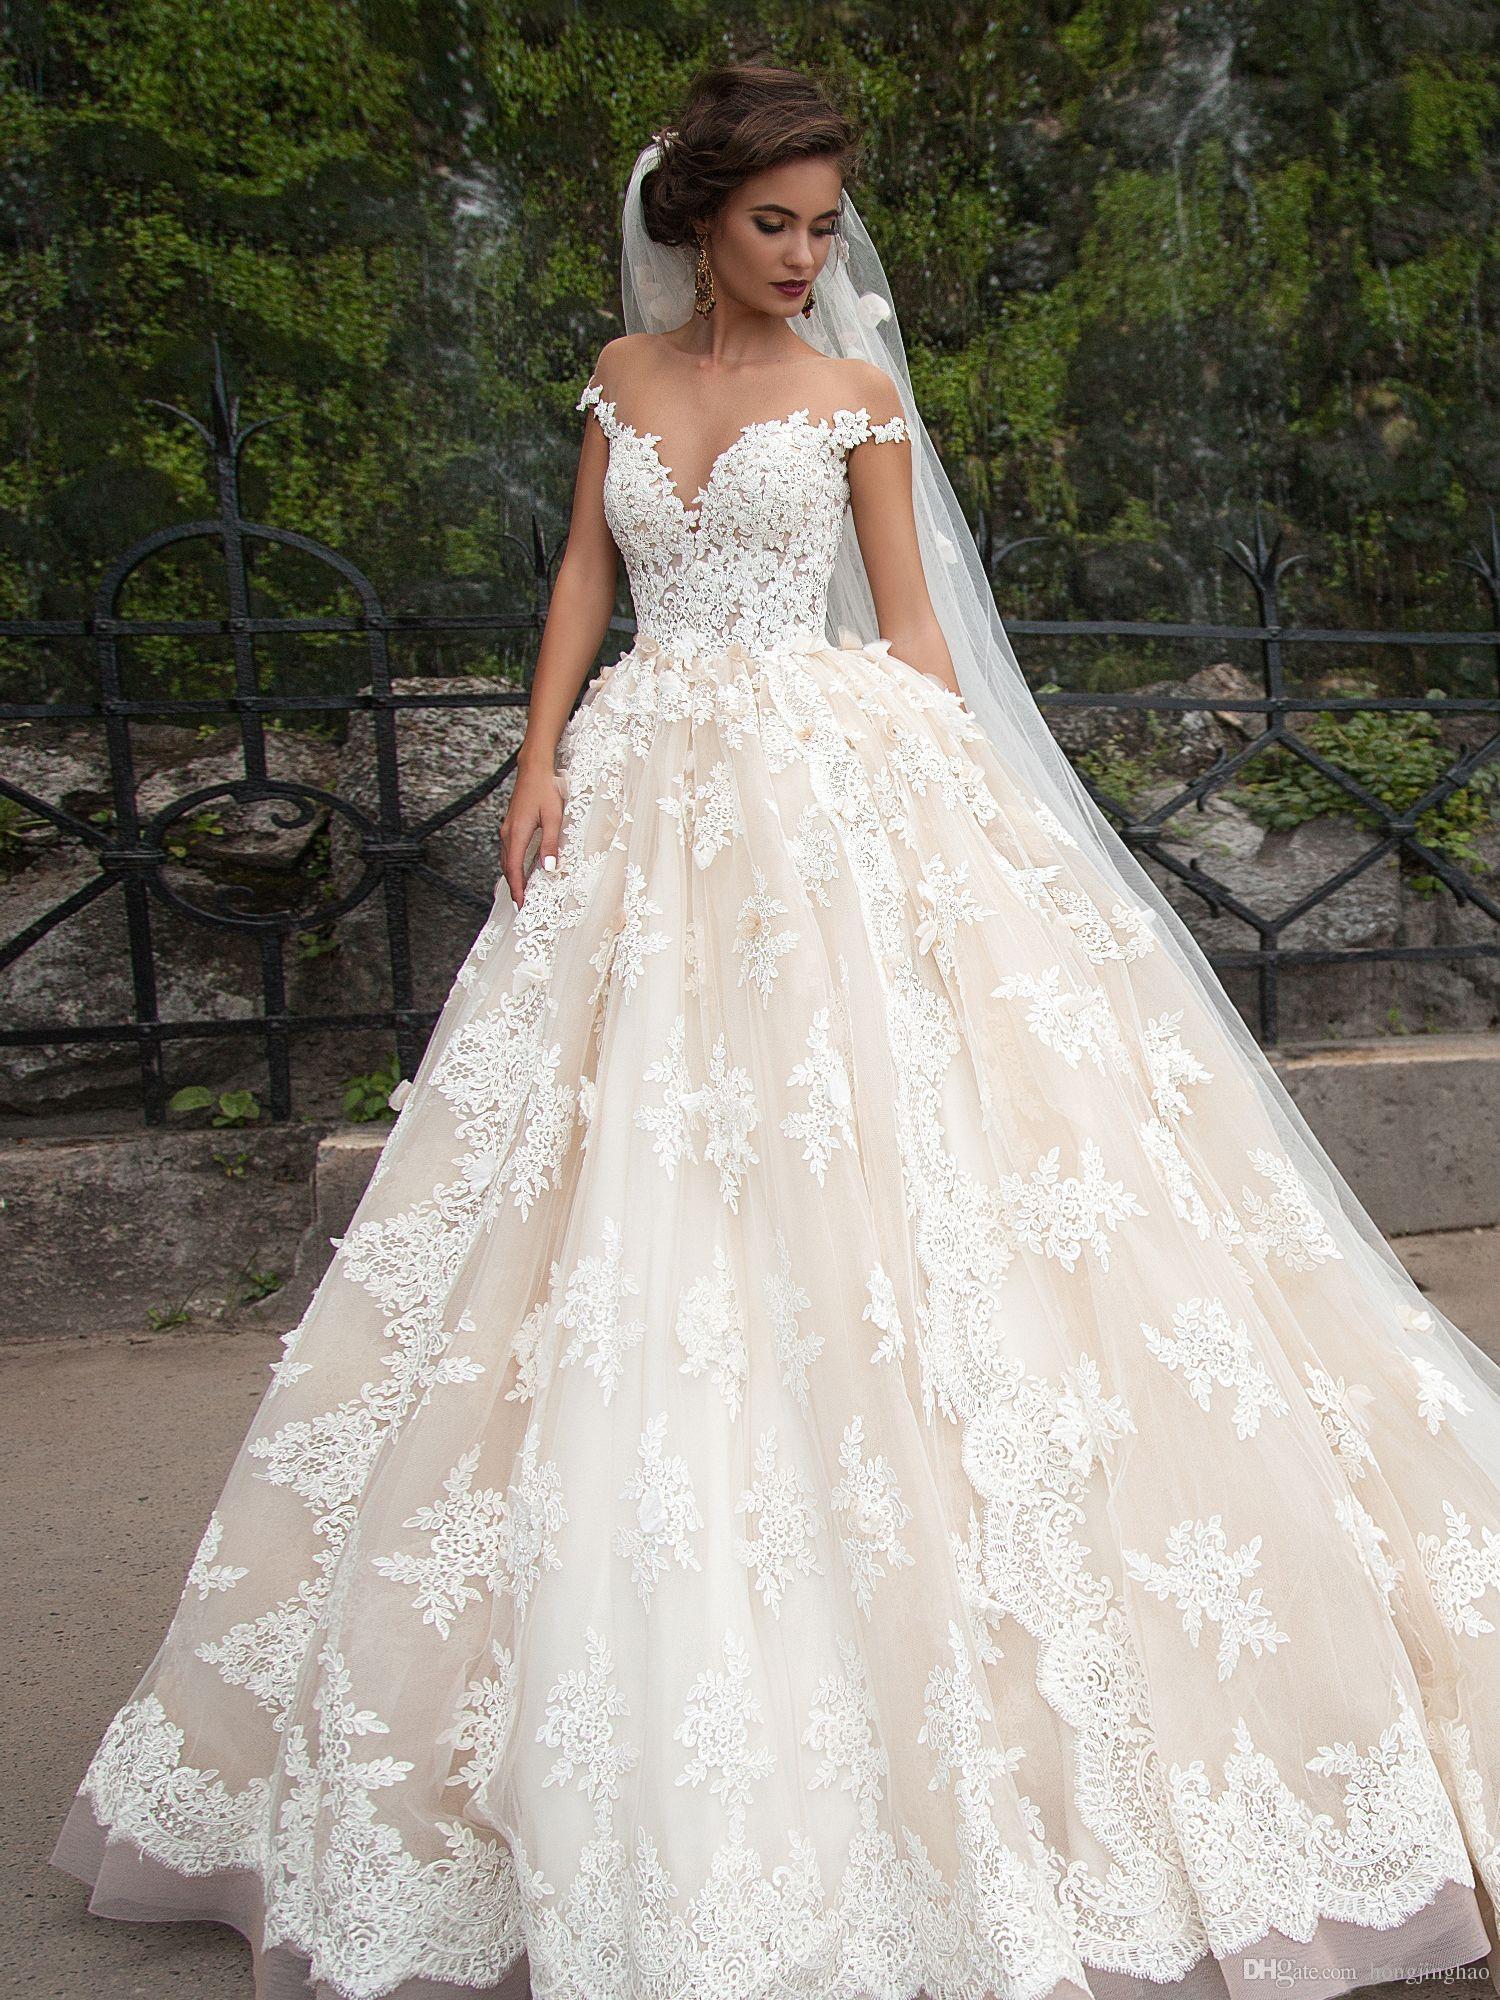 Vestido de novia blanco largo